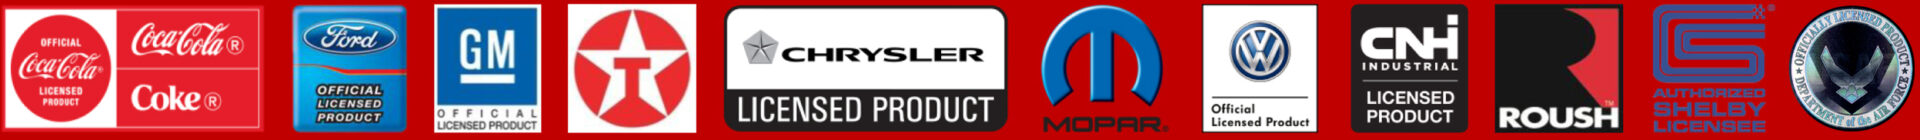 Licensing labels for website 2019